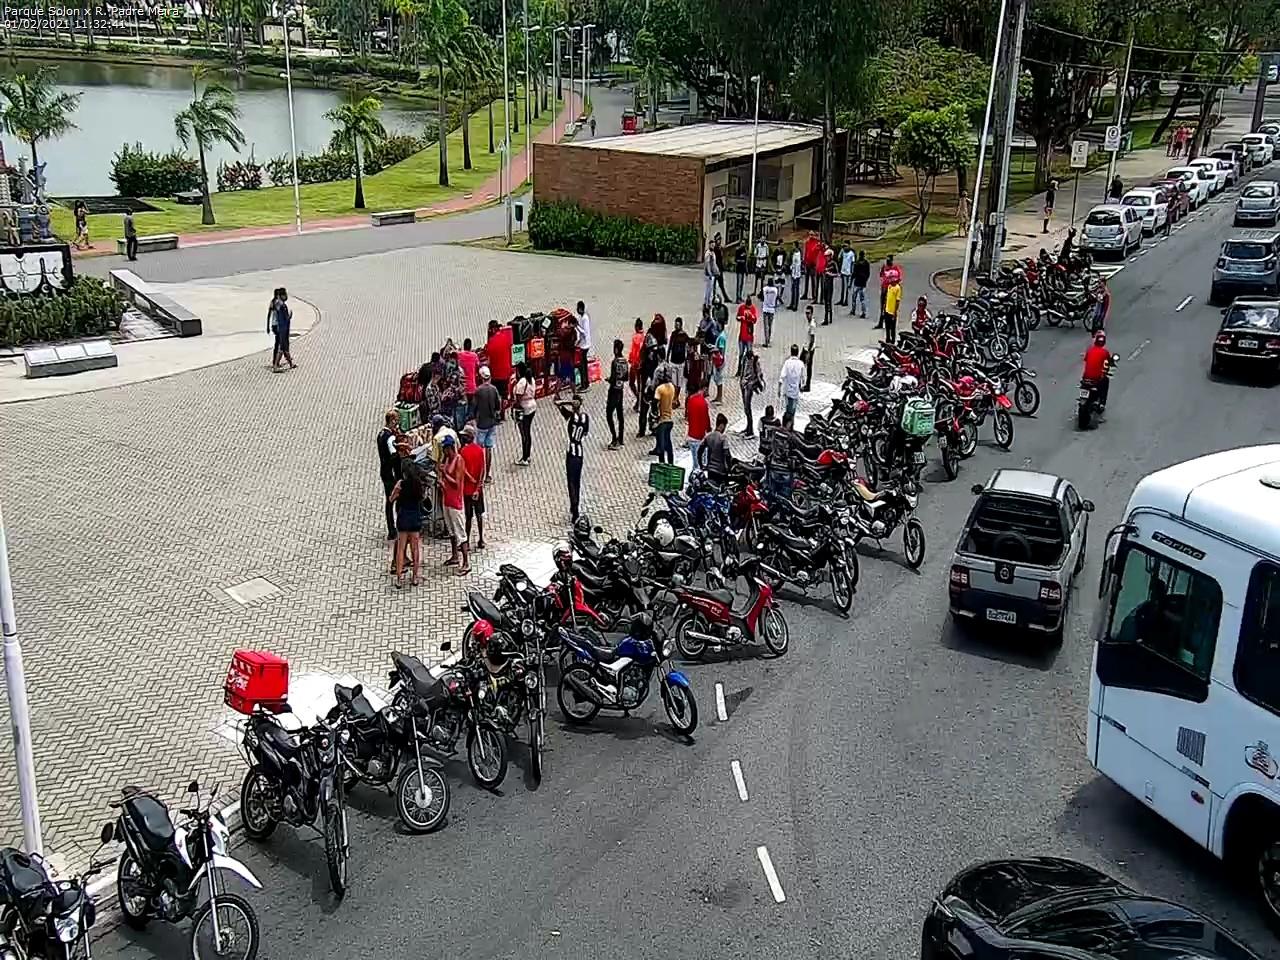 WhatsApp Image 2021 02 01 at 11.37.38 - Motoboys realizam protesto no Centro de João Pessoa; motoristas por aplicativo também param as atividades - VEJA IMAGENS